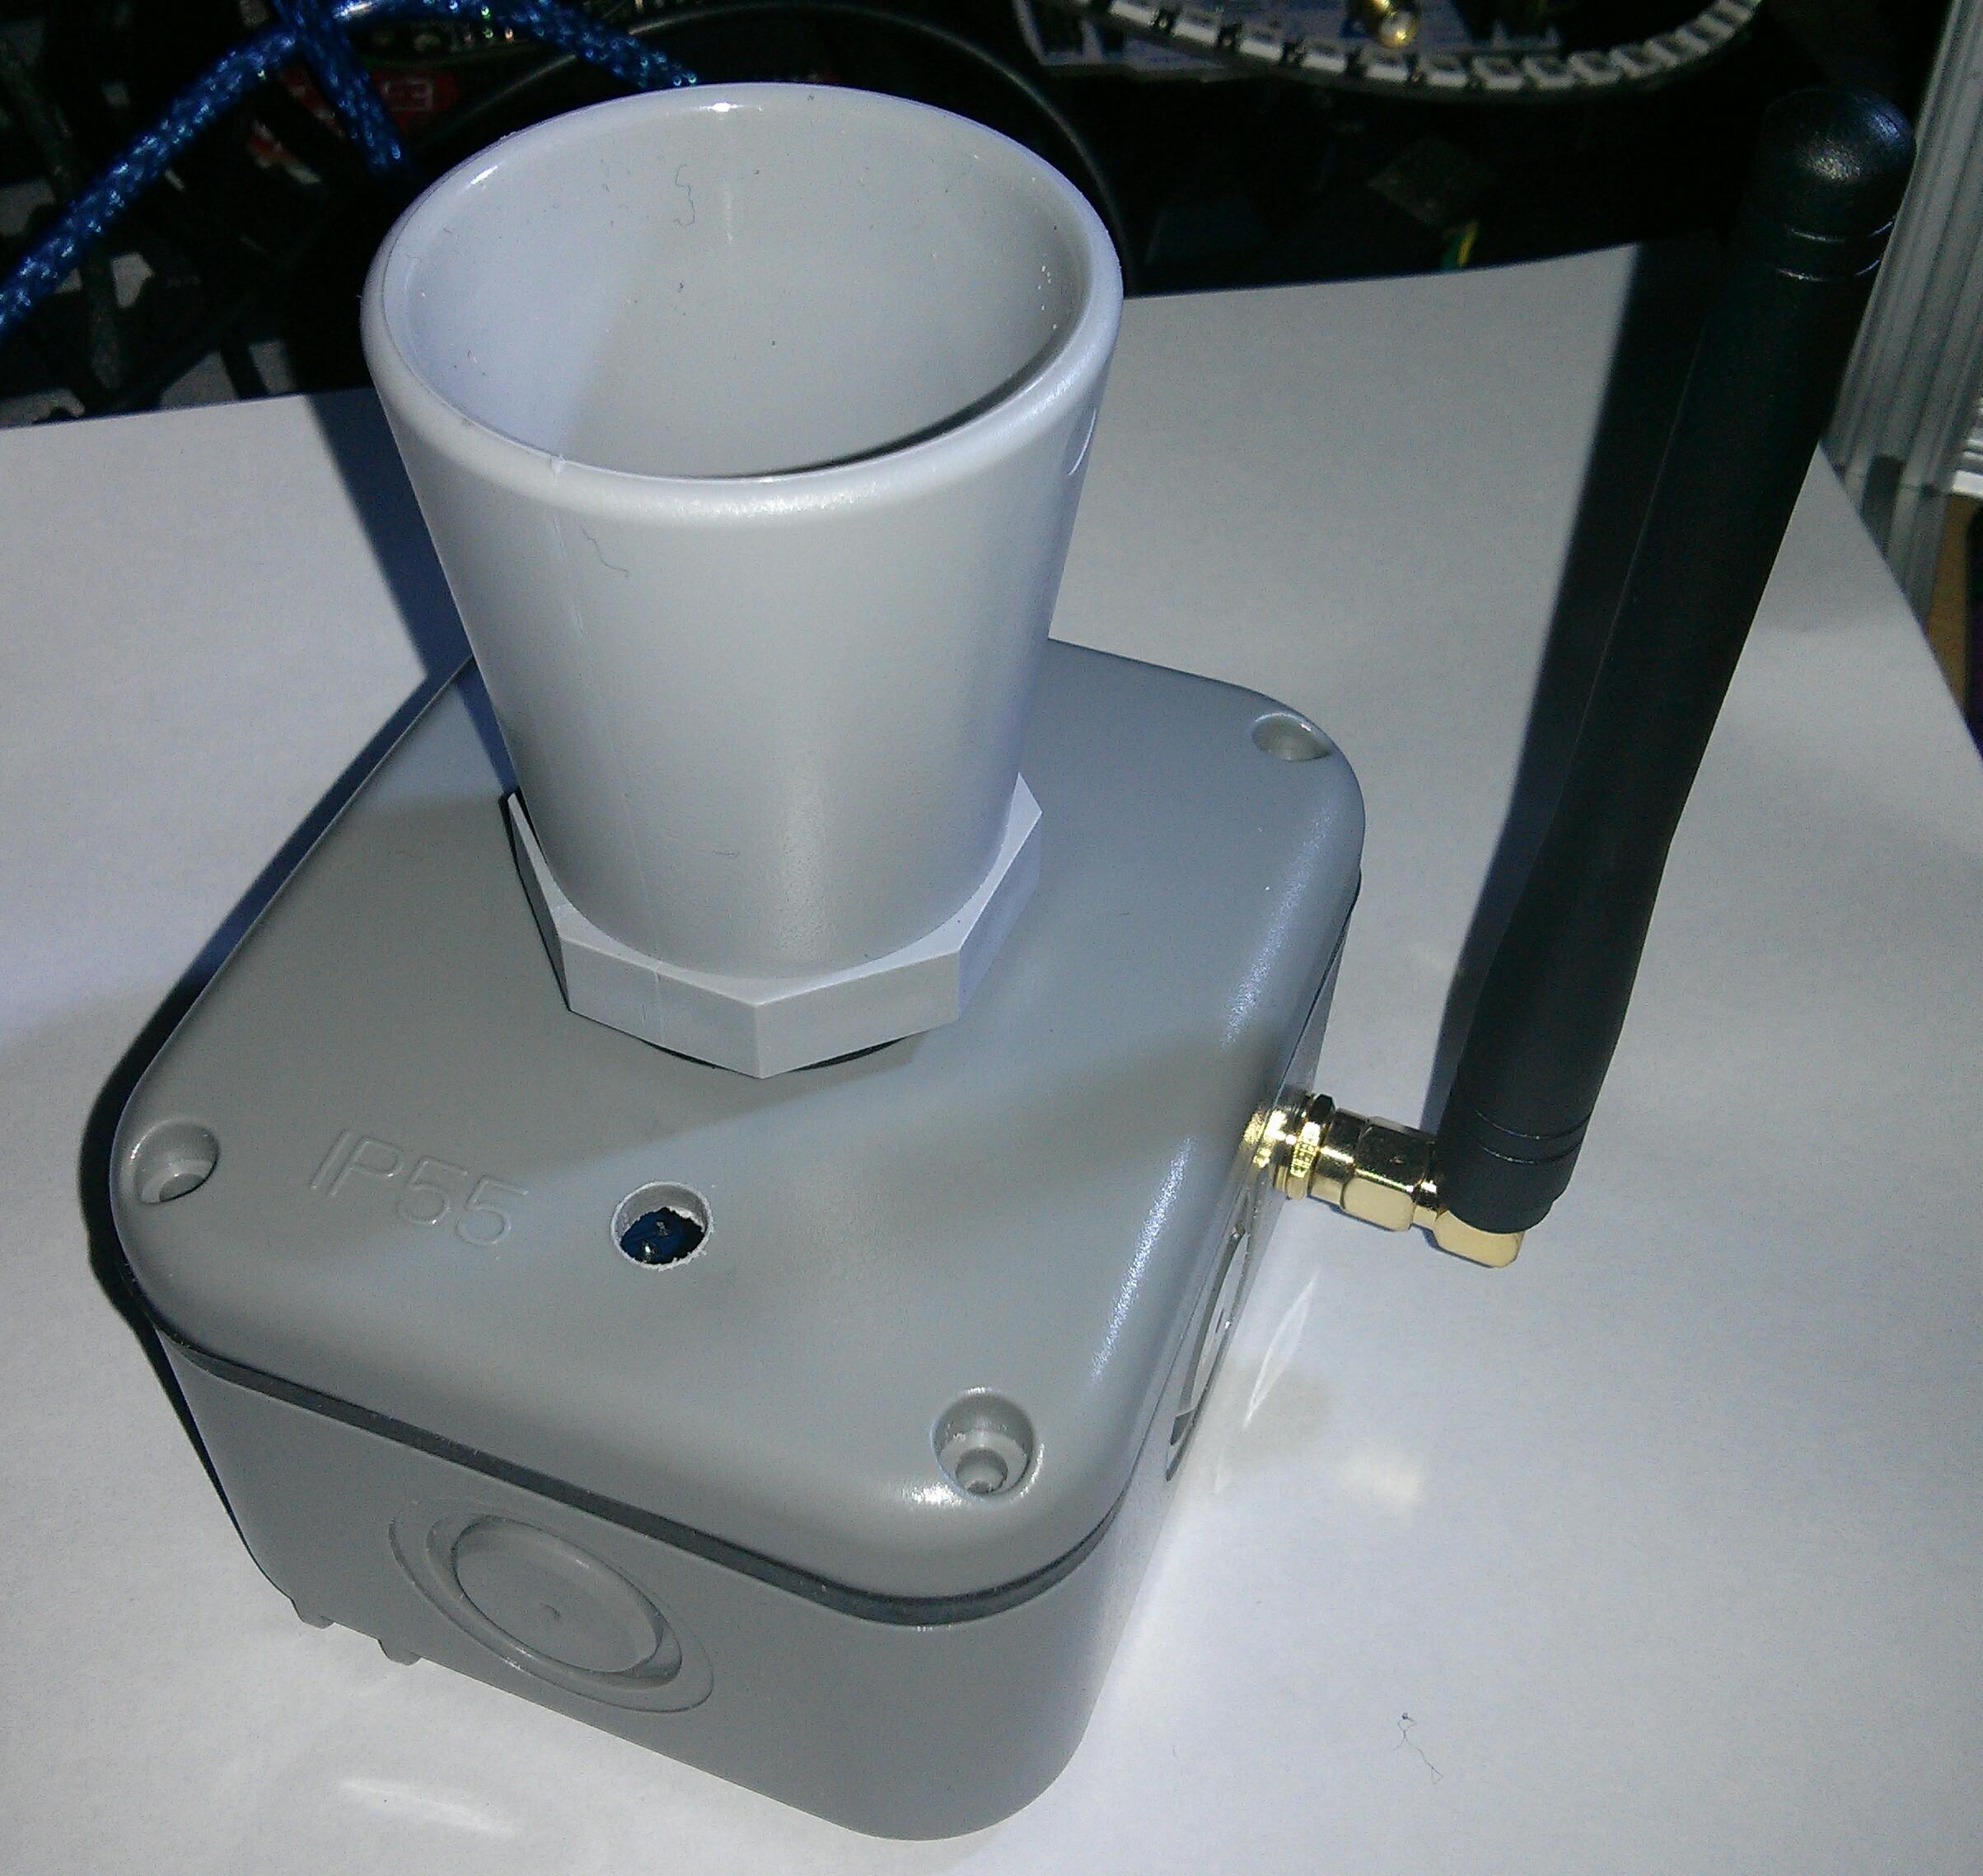 prototype Sensor Device